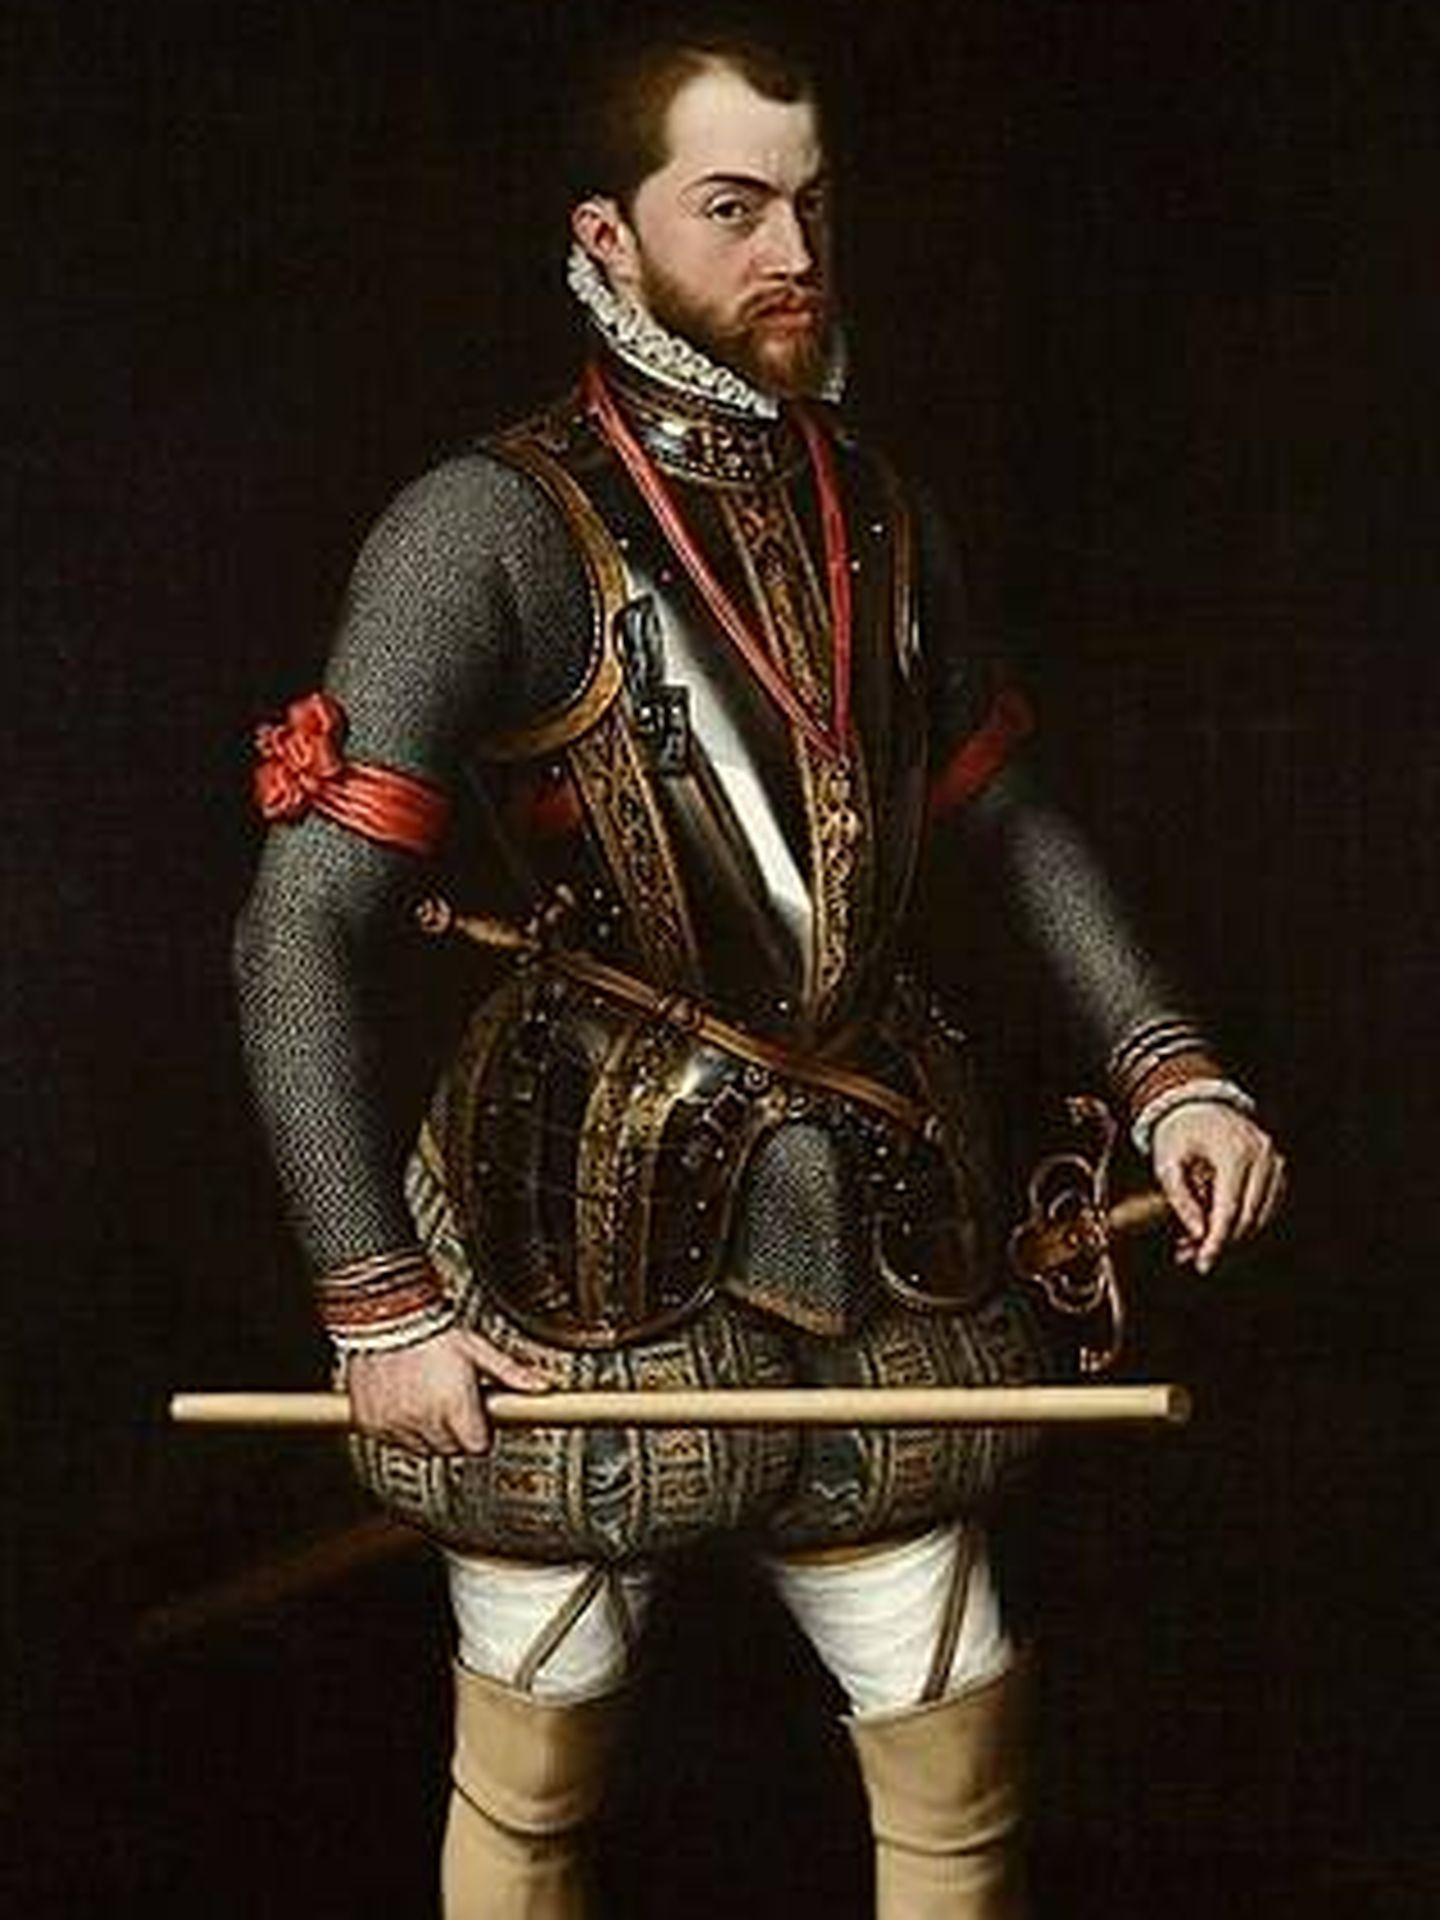 Un retrato de Felipe II realizado por Antonio Moro en 1557.